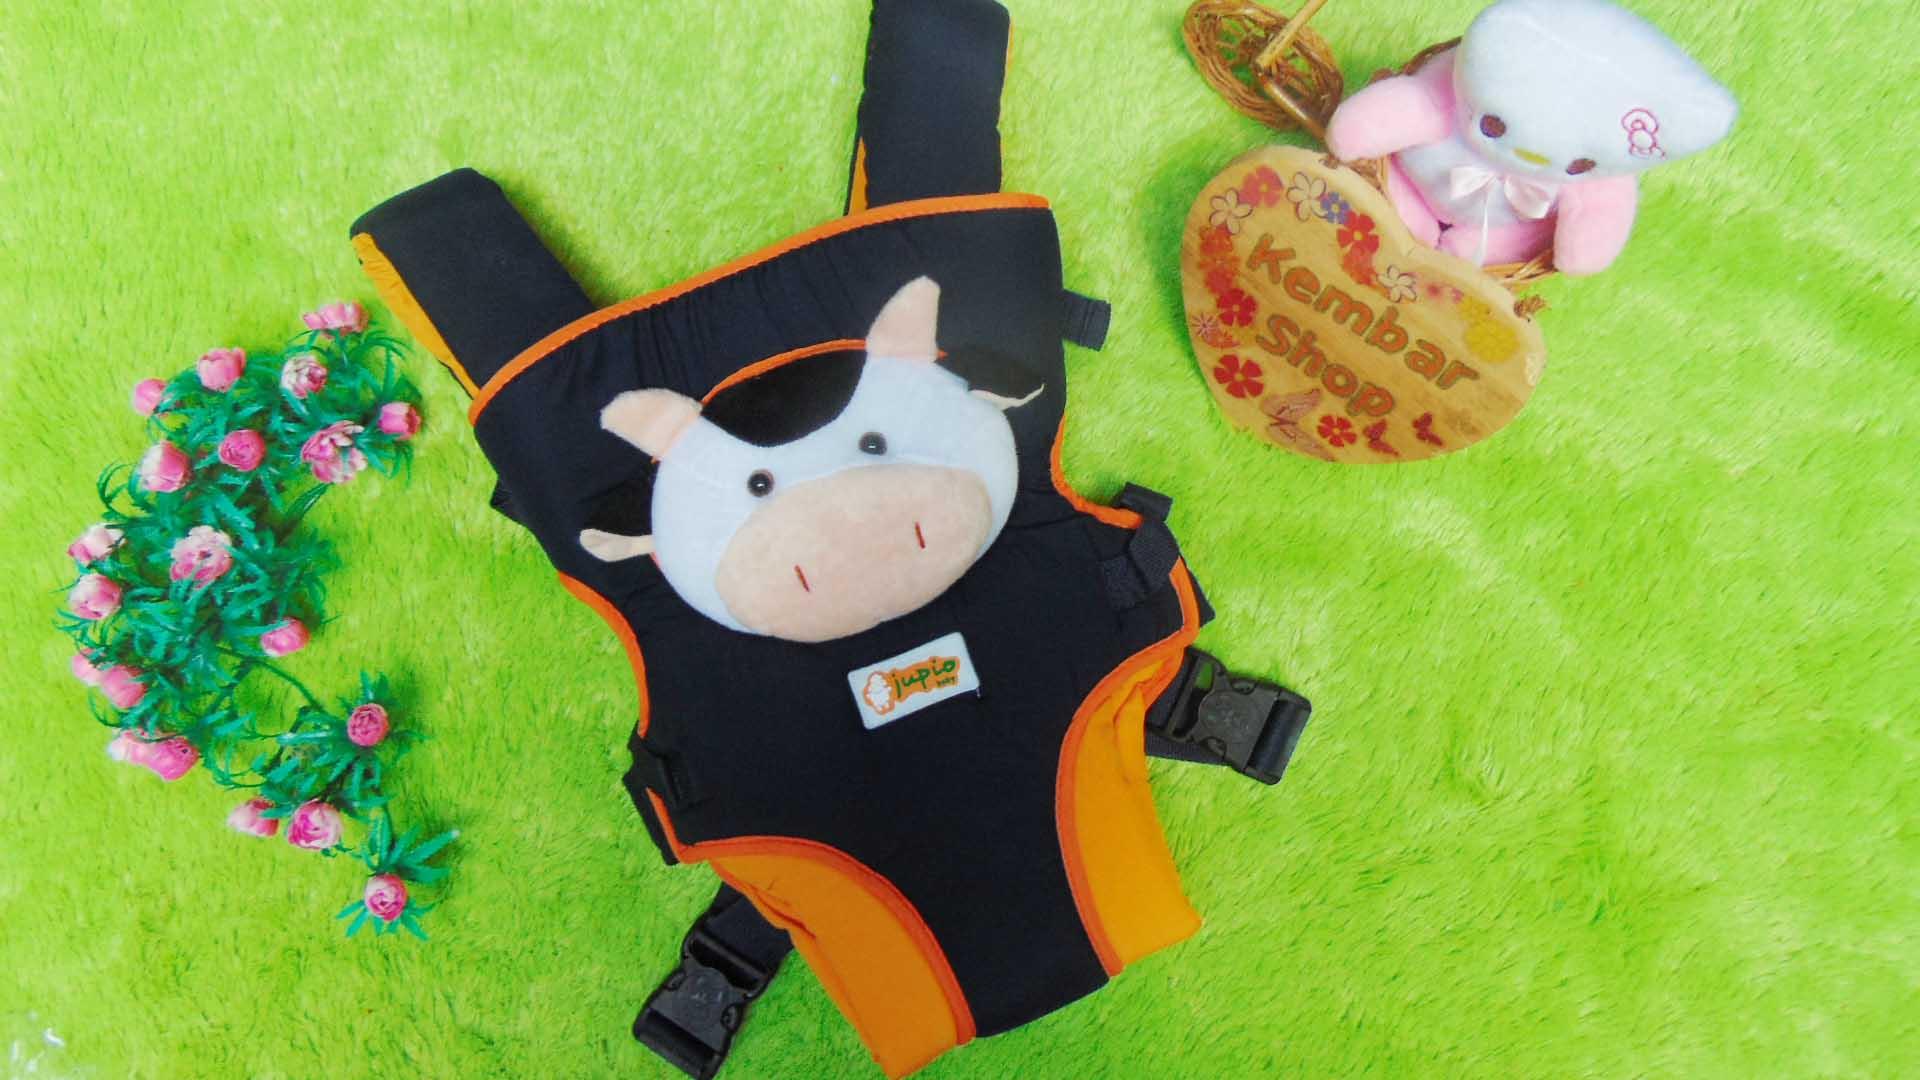 PALING LARIS kado bayi gendongan depan bayi MODEL BONEKA BESAR aneka MOTIF (2)